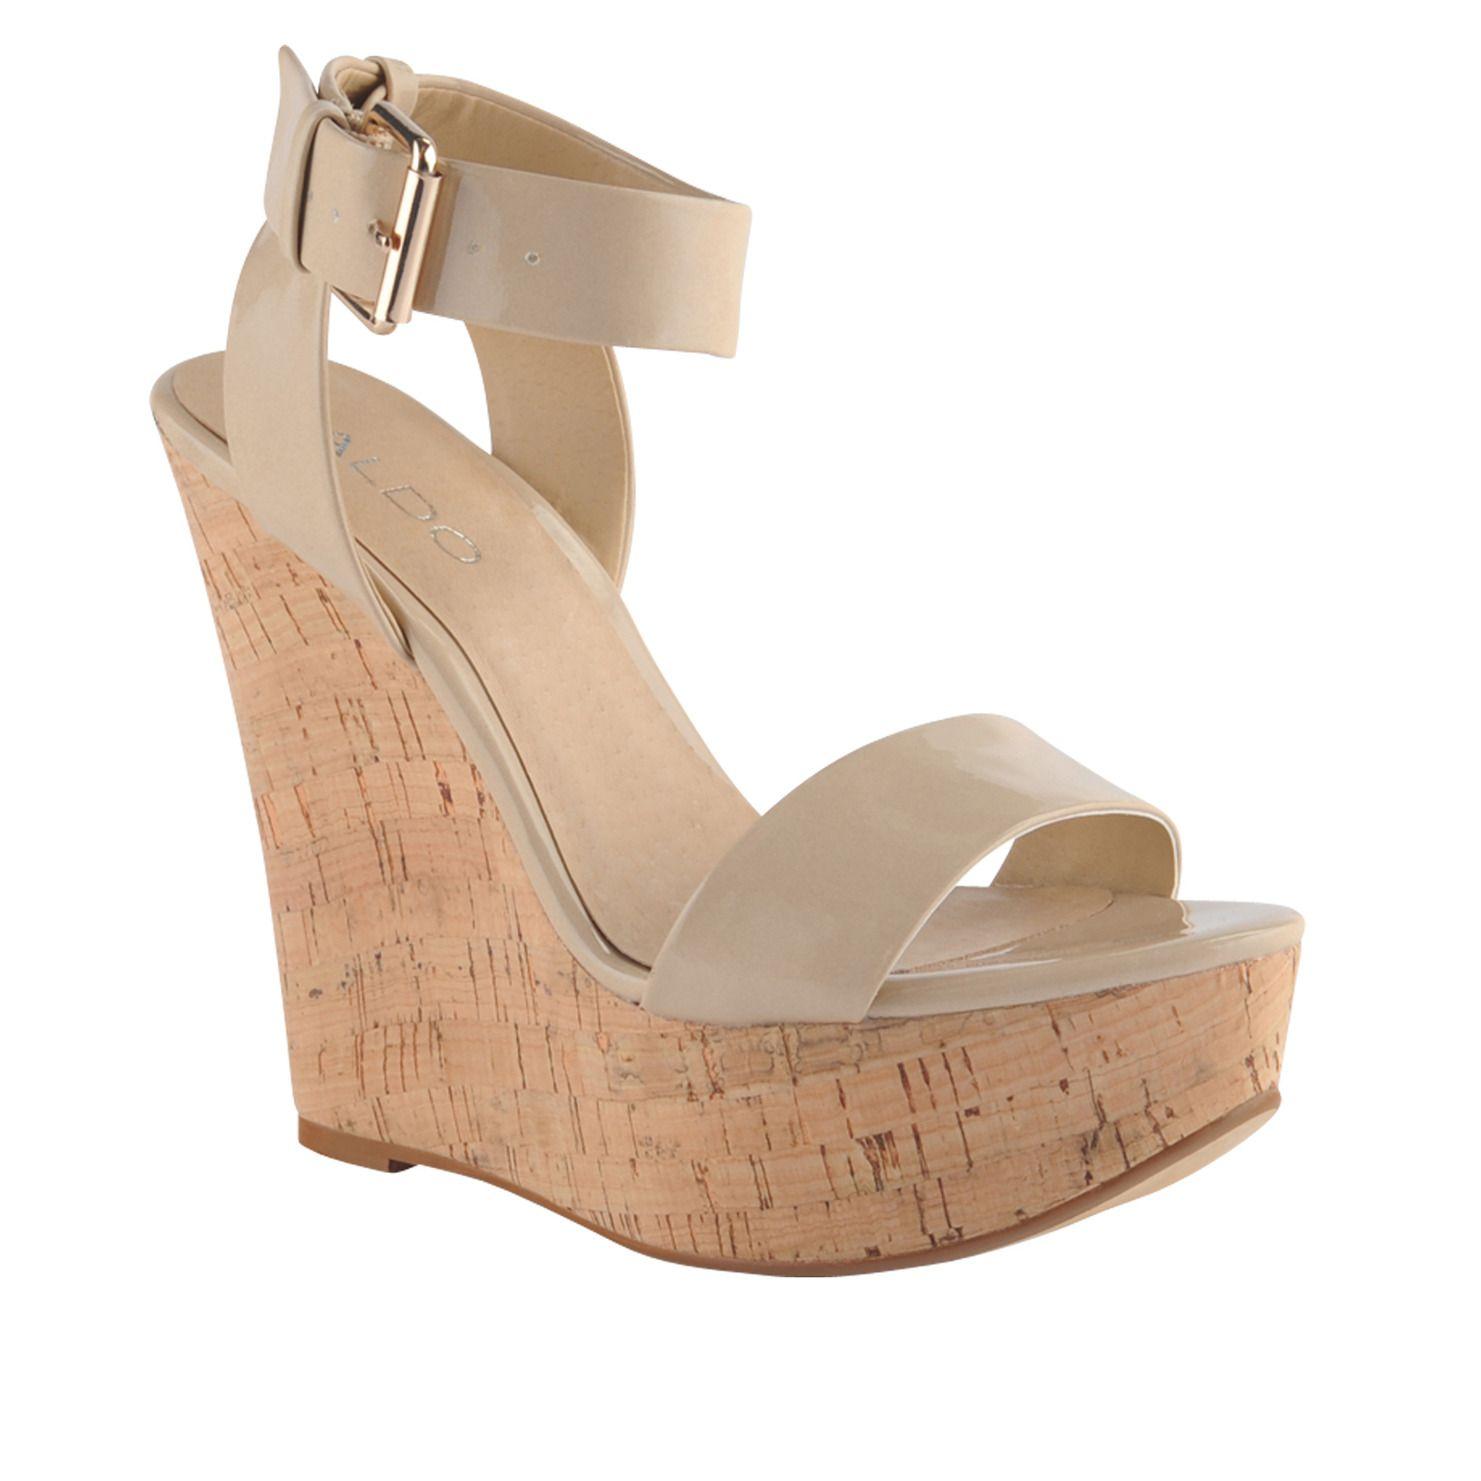 dca13d94ef82 HARVAT - women s wedges sandals for sale at ALDO Shoes.